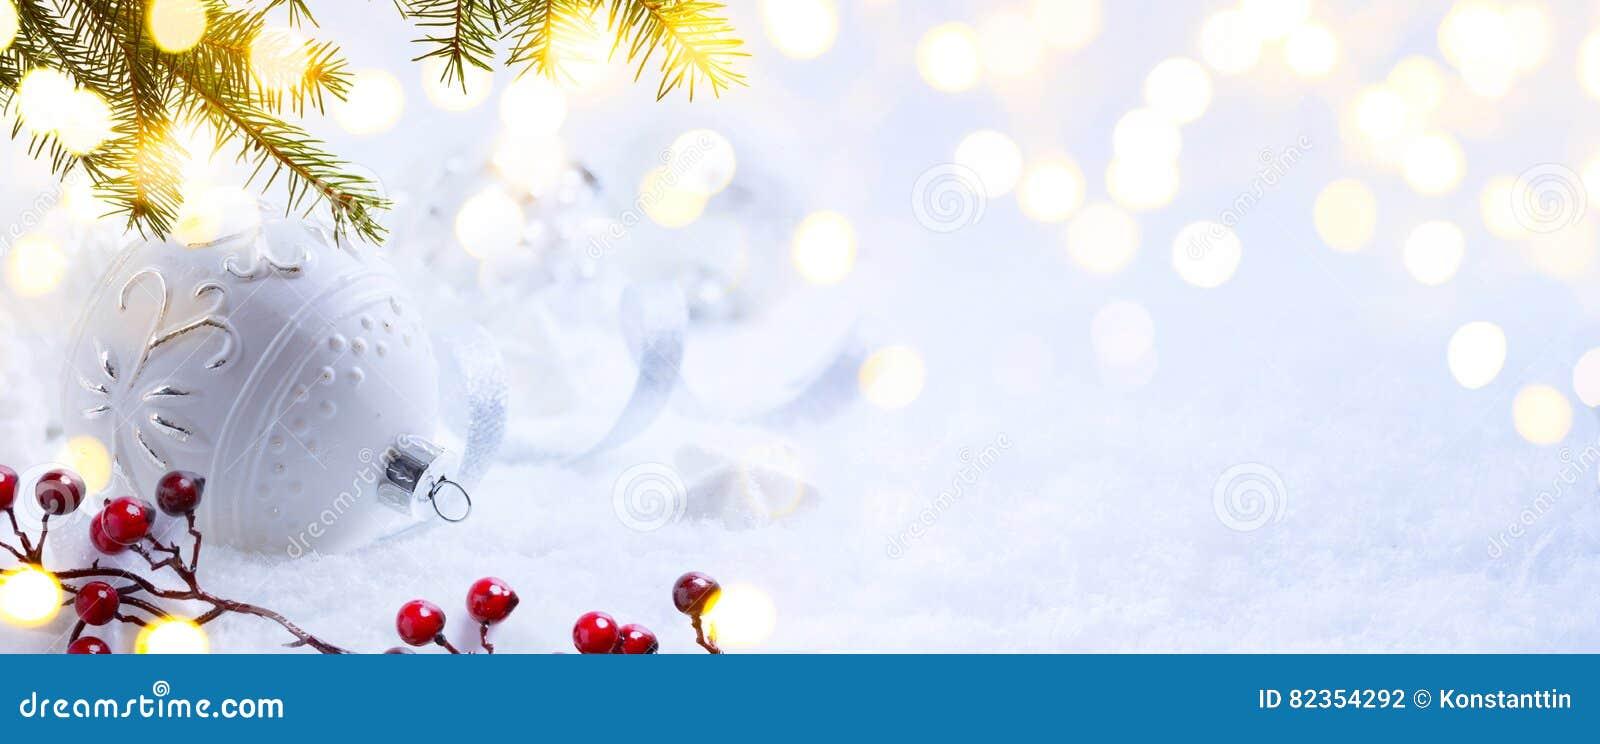 Helles Weihnachten; Feiertagshintergrund mit Weihnachtsverzierung